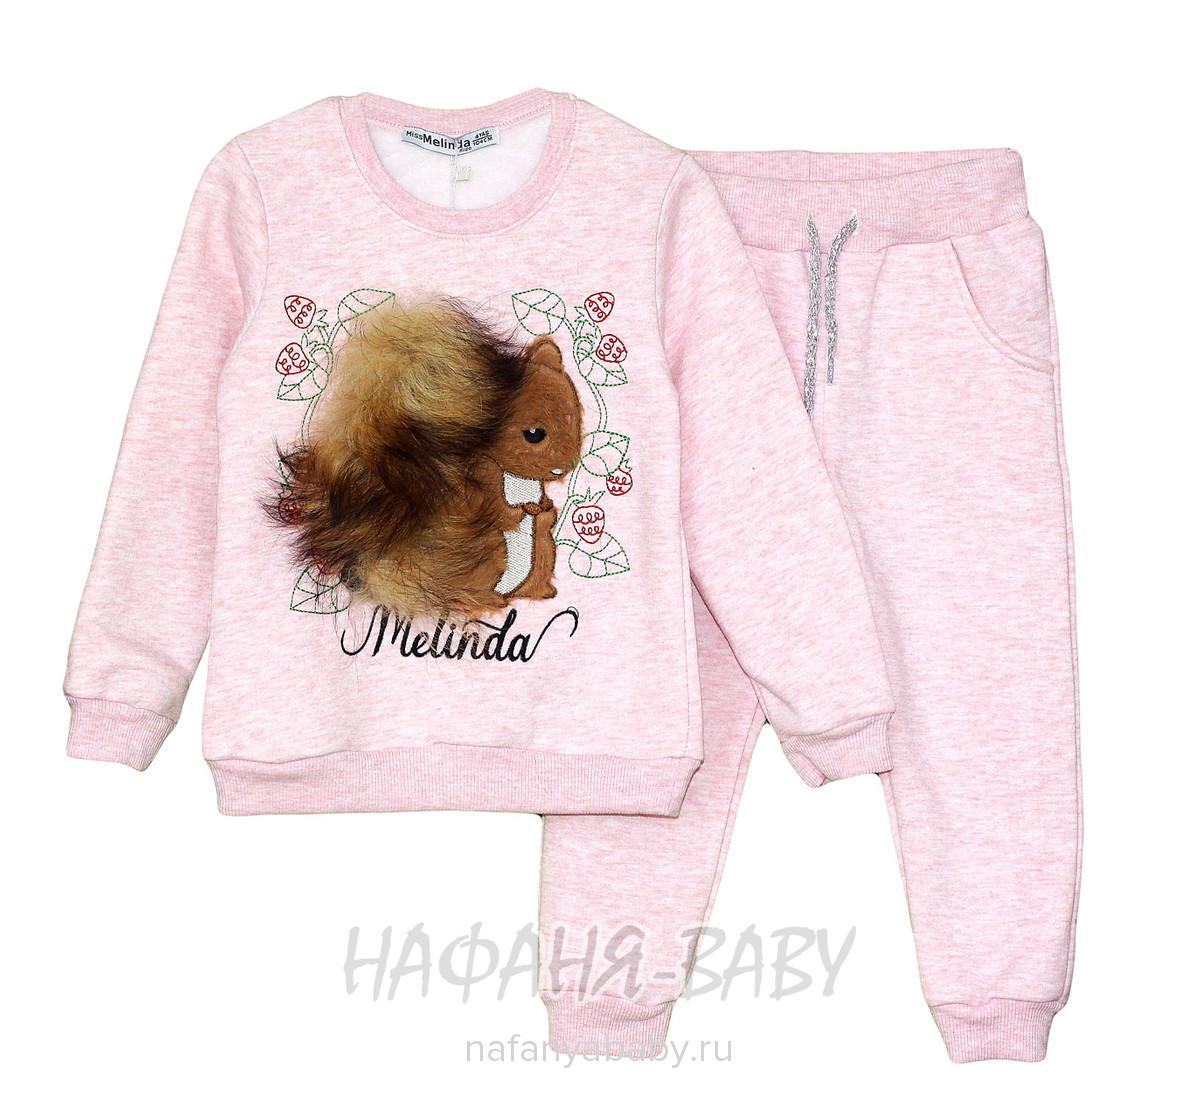 Теплый костюм (свитшот + брюки) Miss Melinda арт: 5202, 1-4 года, 5-9 лет, цвет розовый меланж, оптом Турция